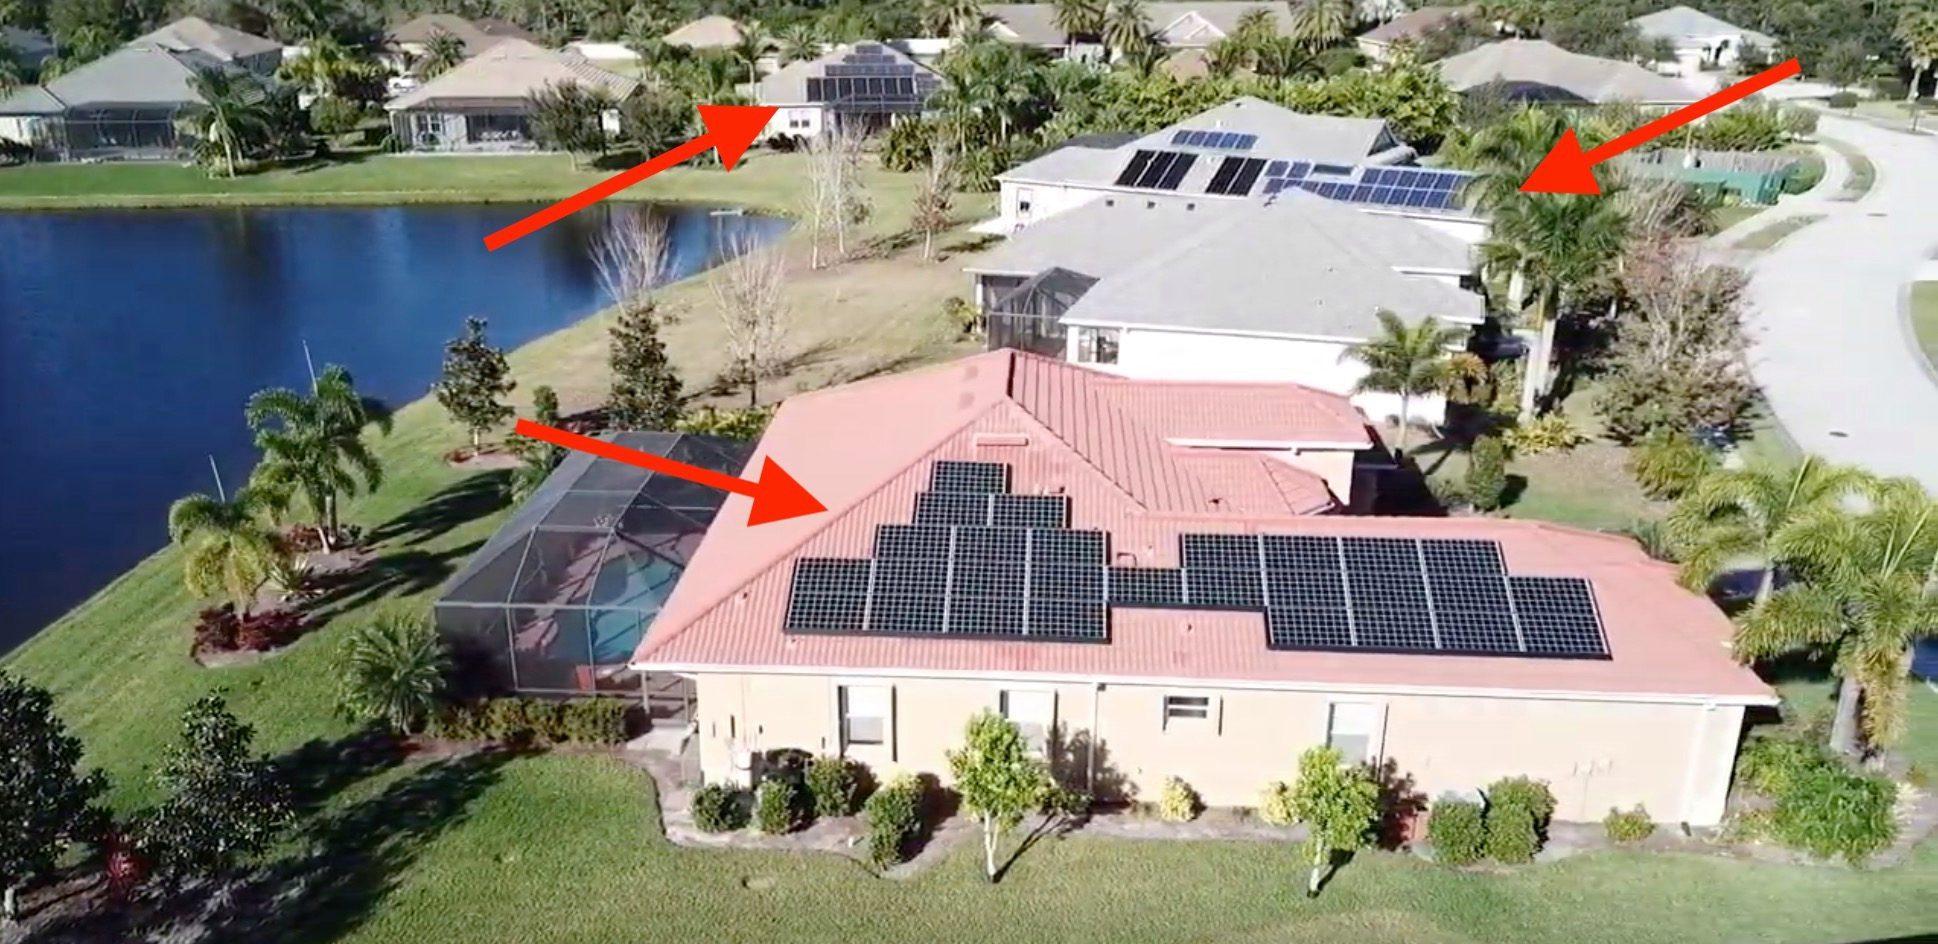 How Tesla is taking over neighborhoods with solar energy